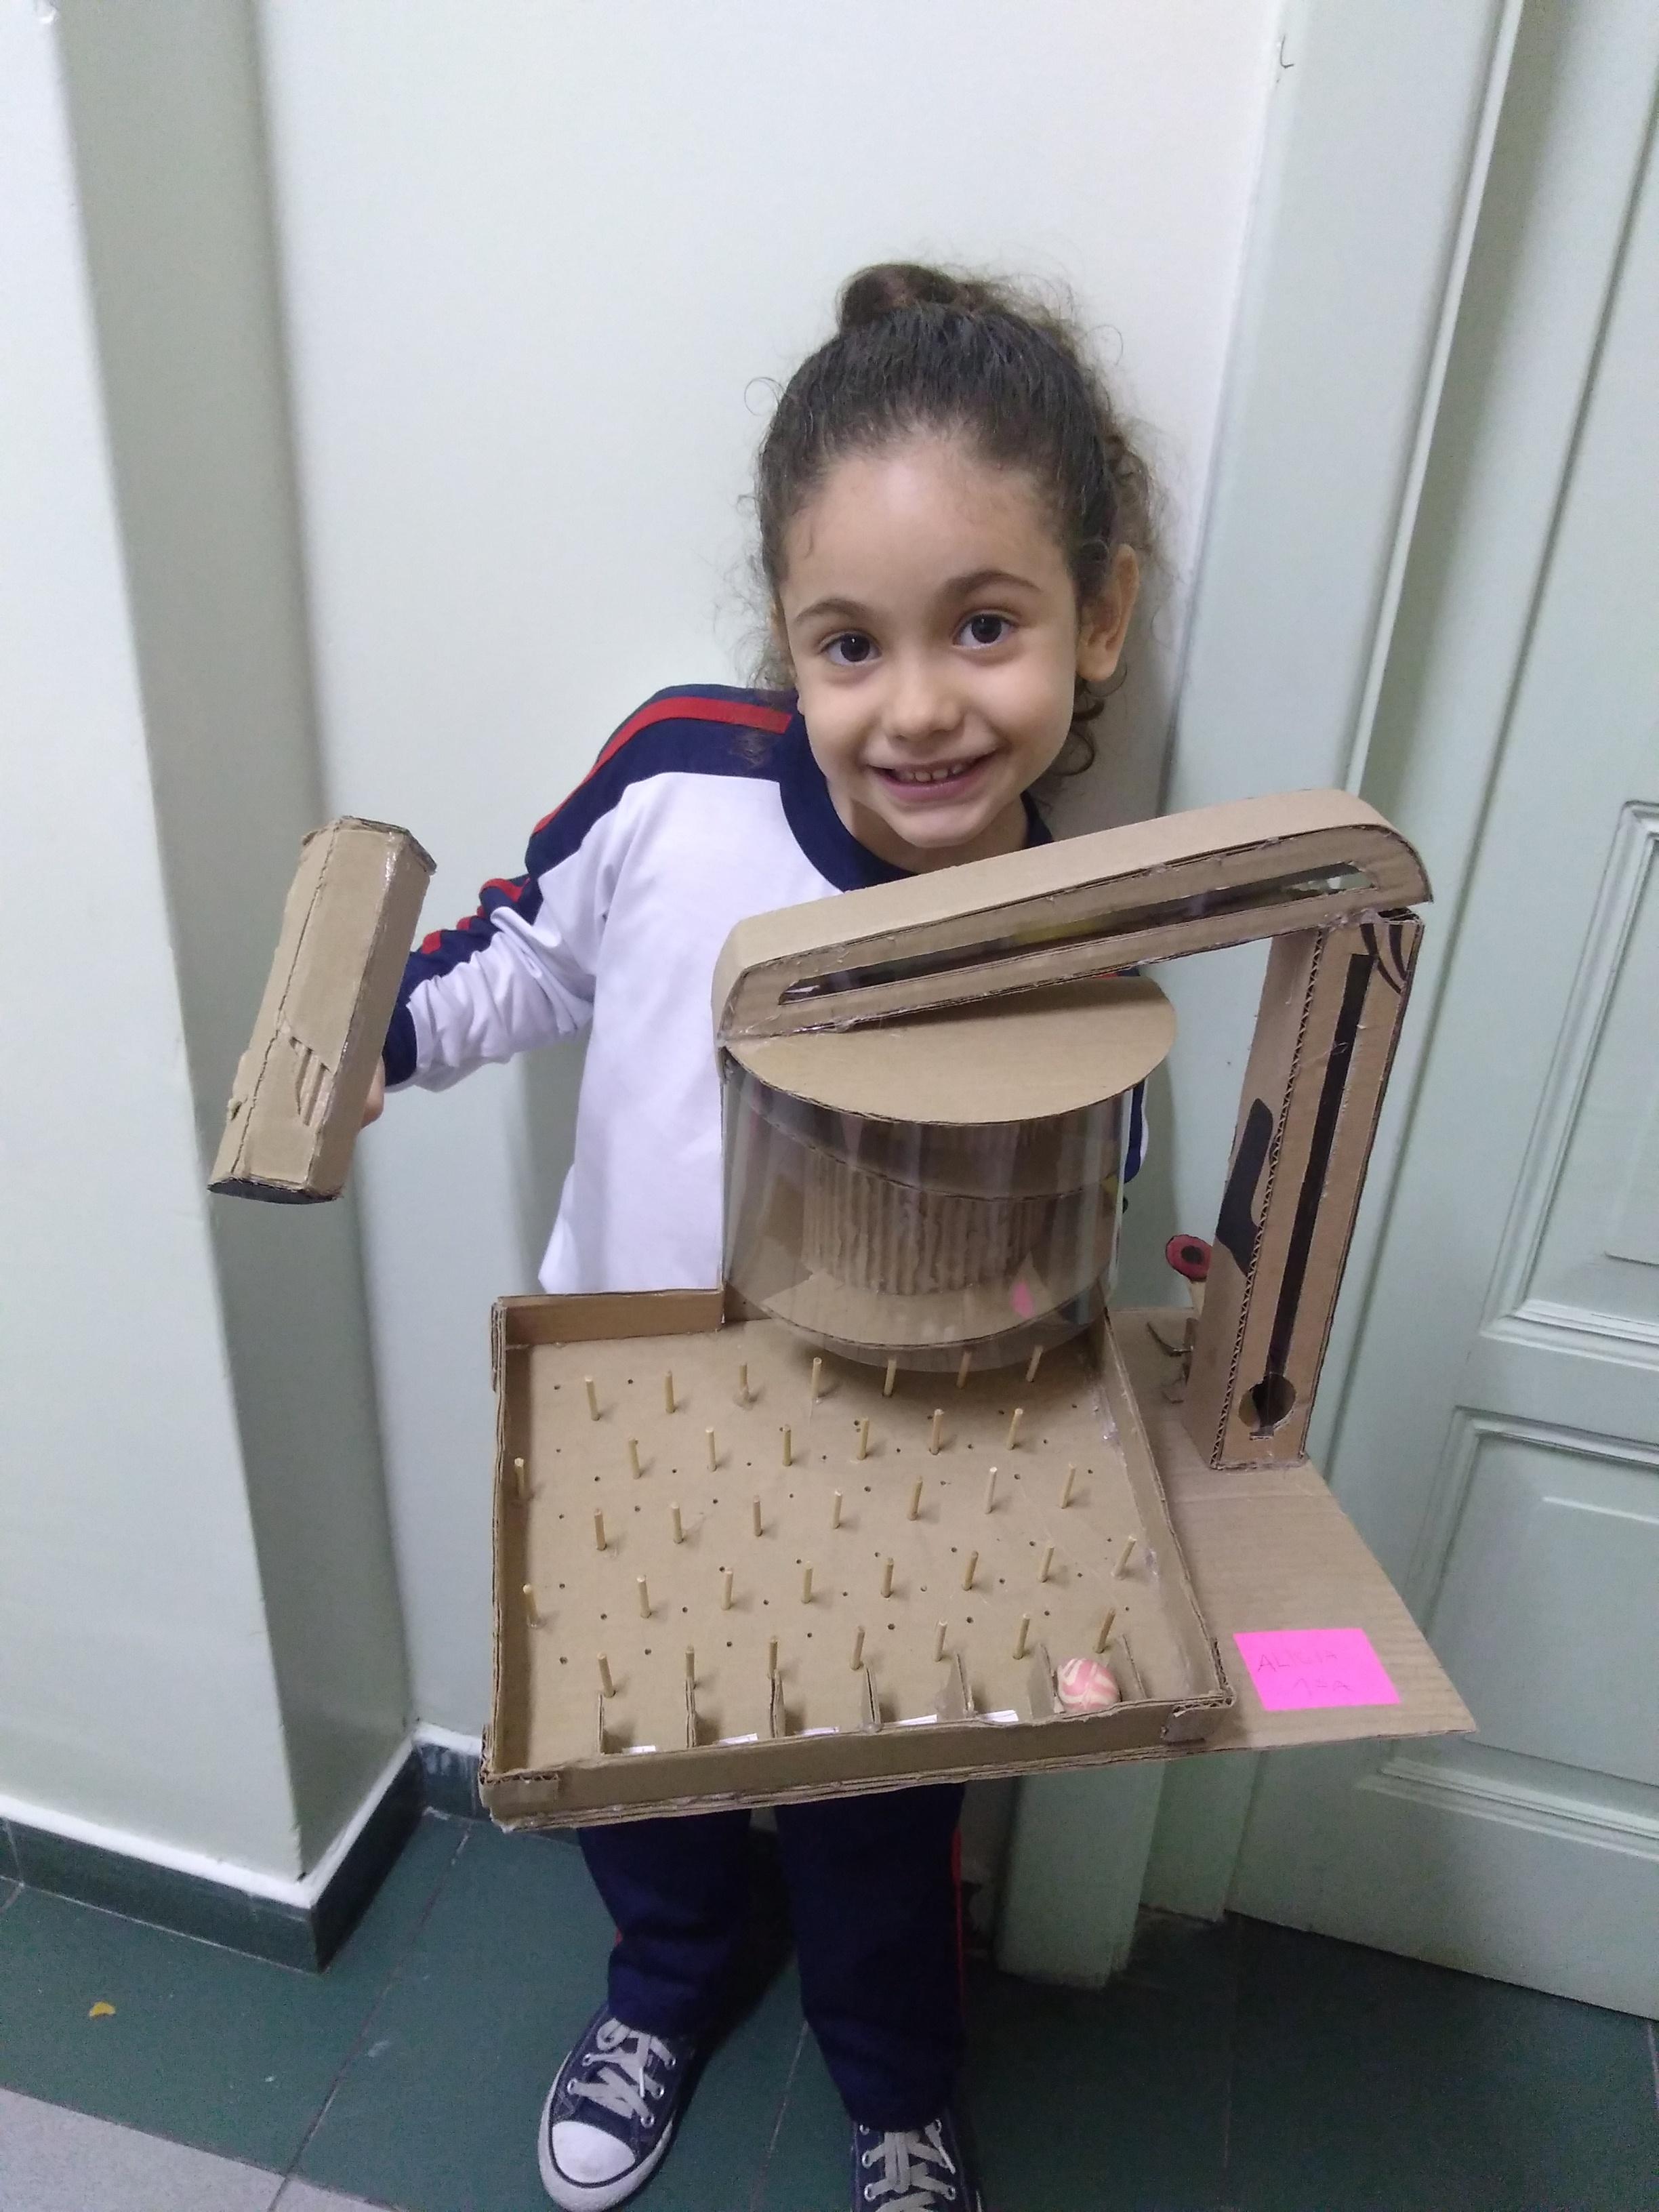 1º ano do Ensino Fundamental realiza atividade com material reciclável